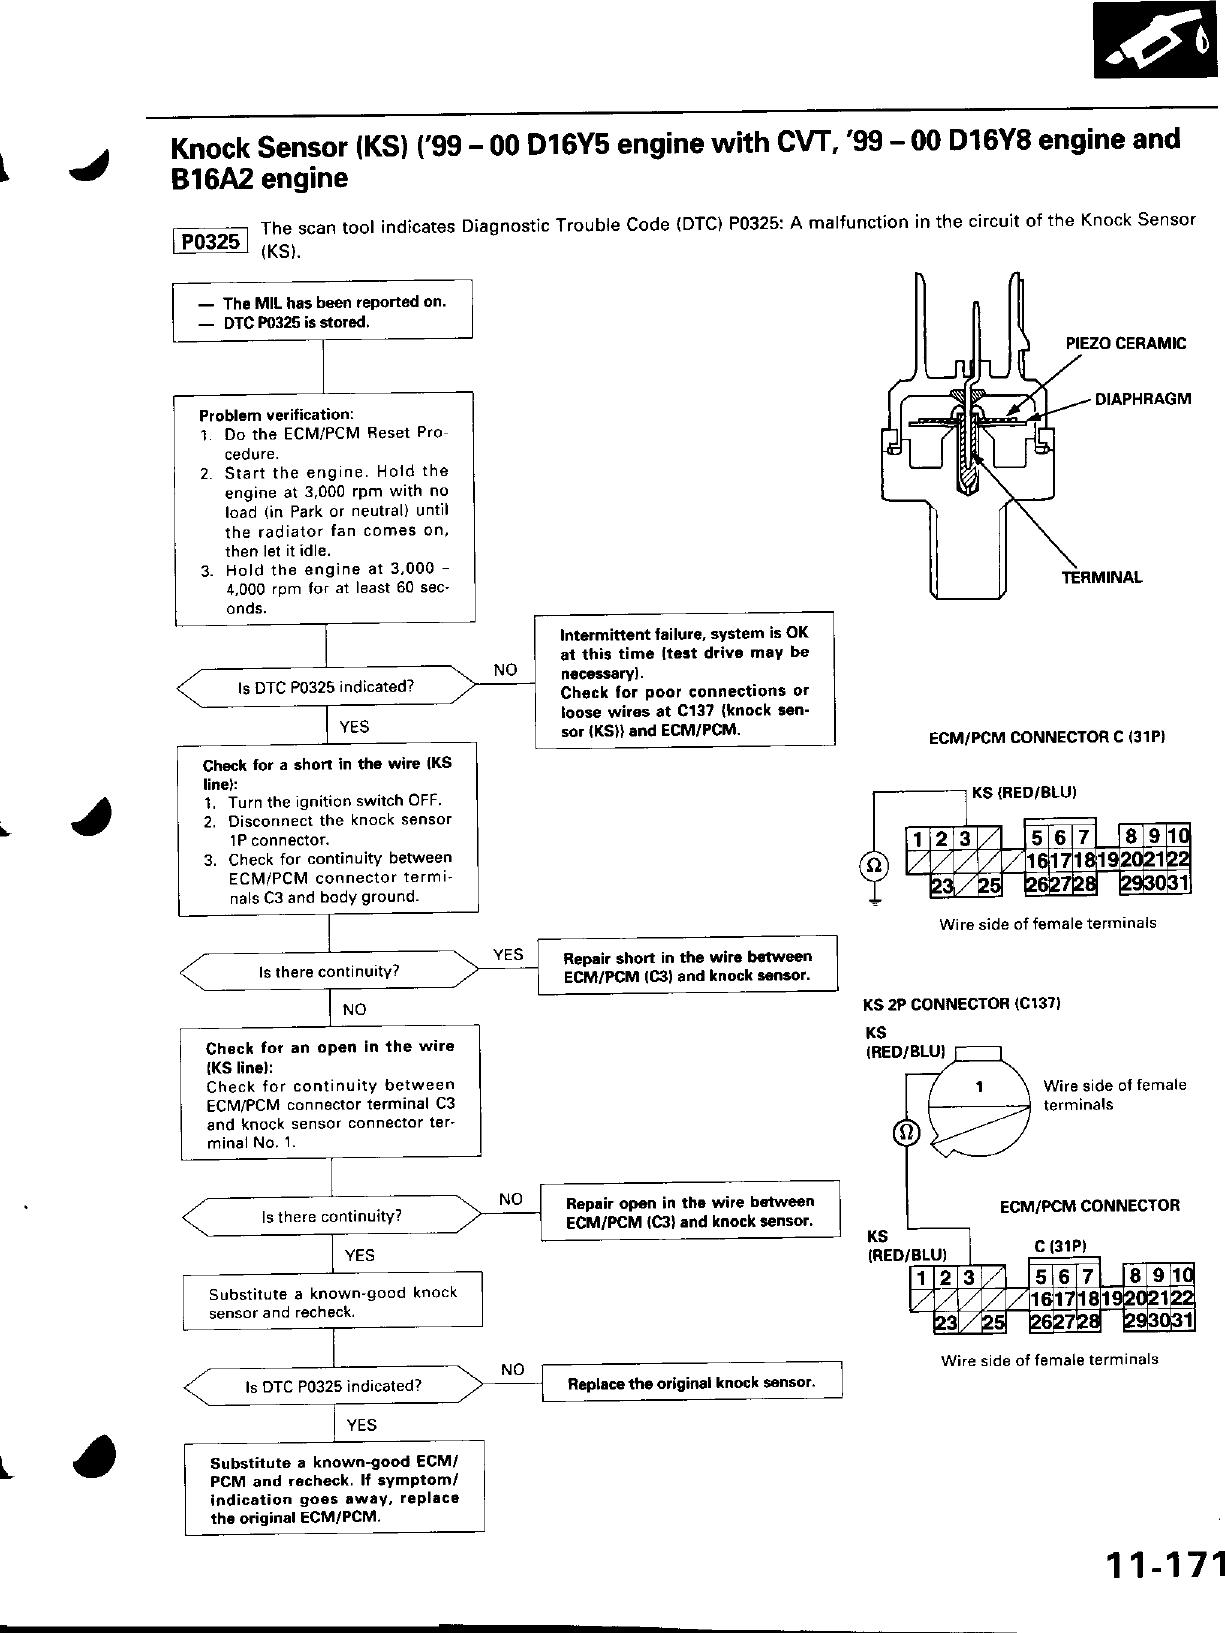 usermanual.wiki/Honda/HondaCivicServiceManual12008... H A Wiring Diagram Distributor Cap on